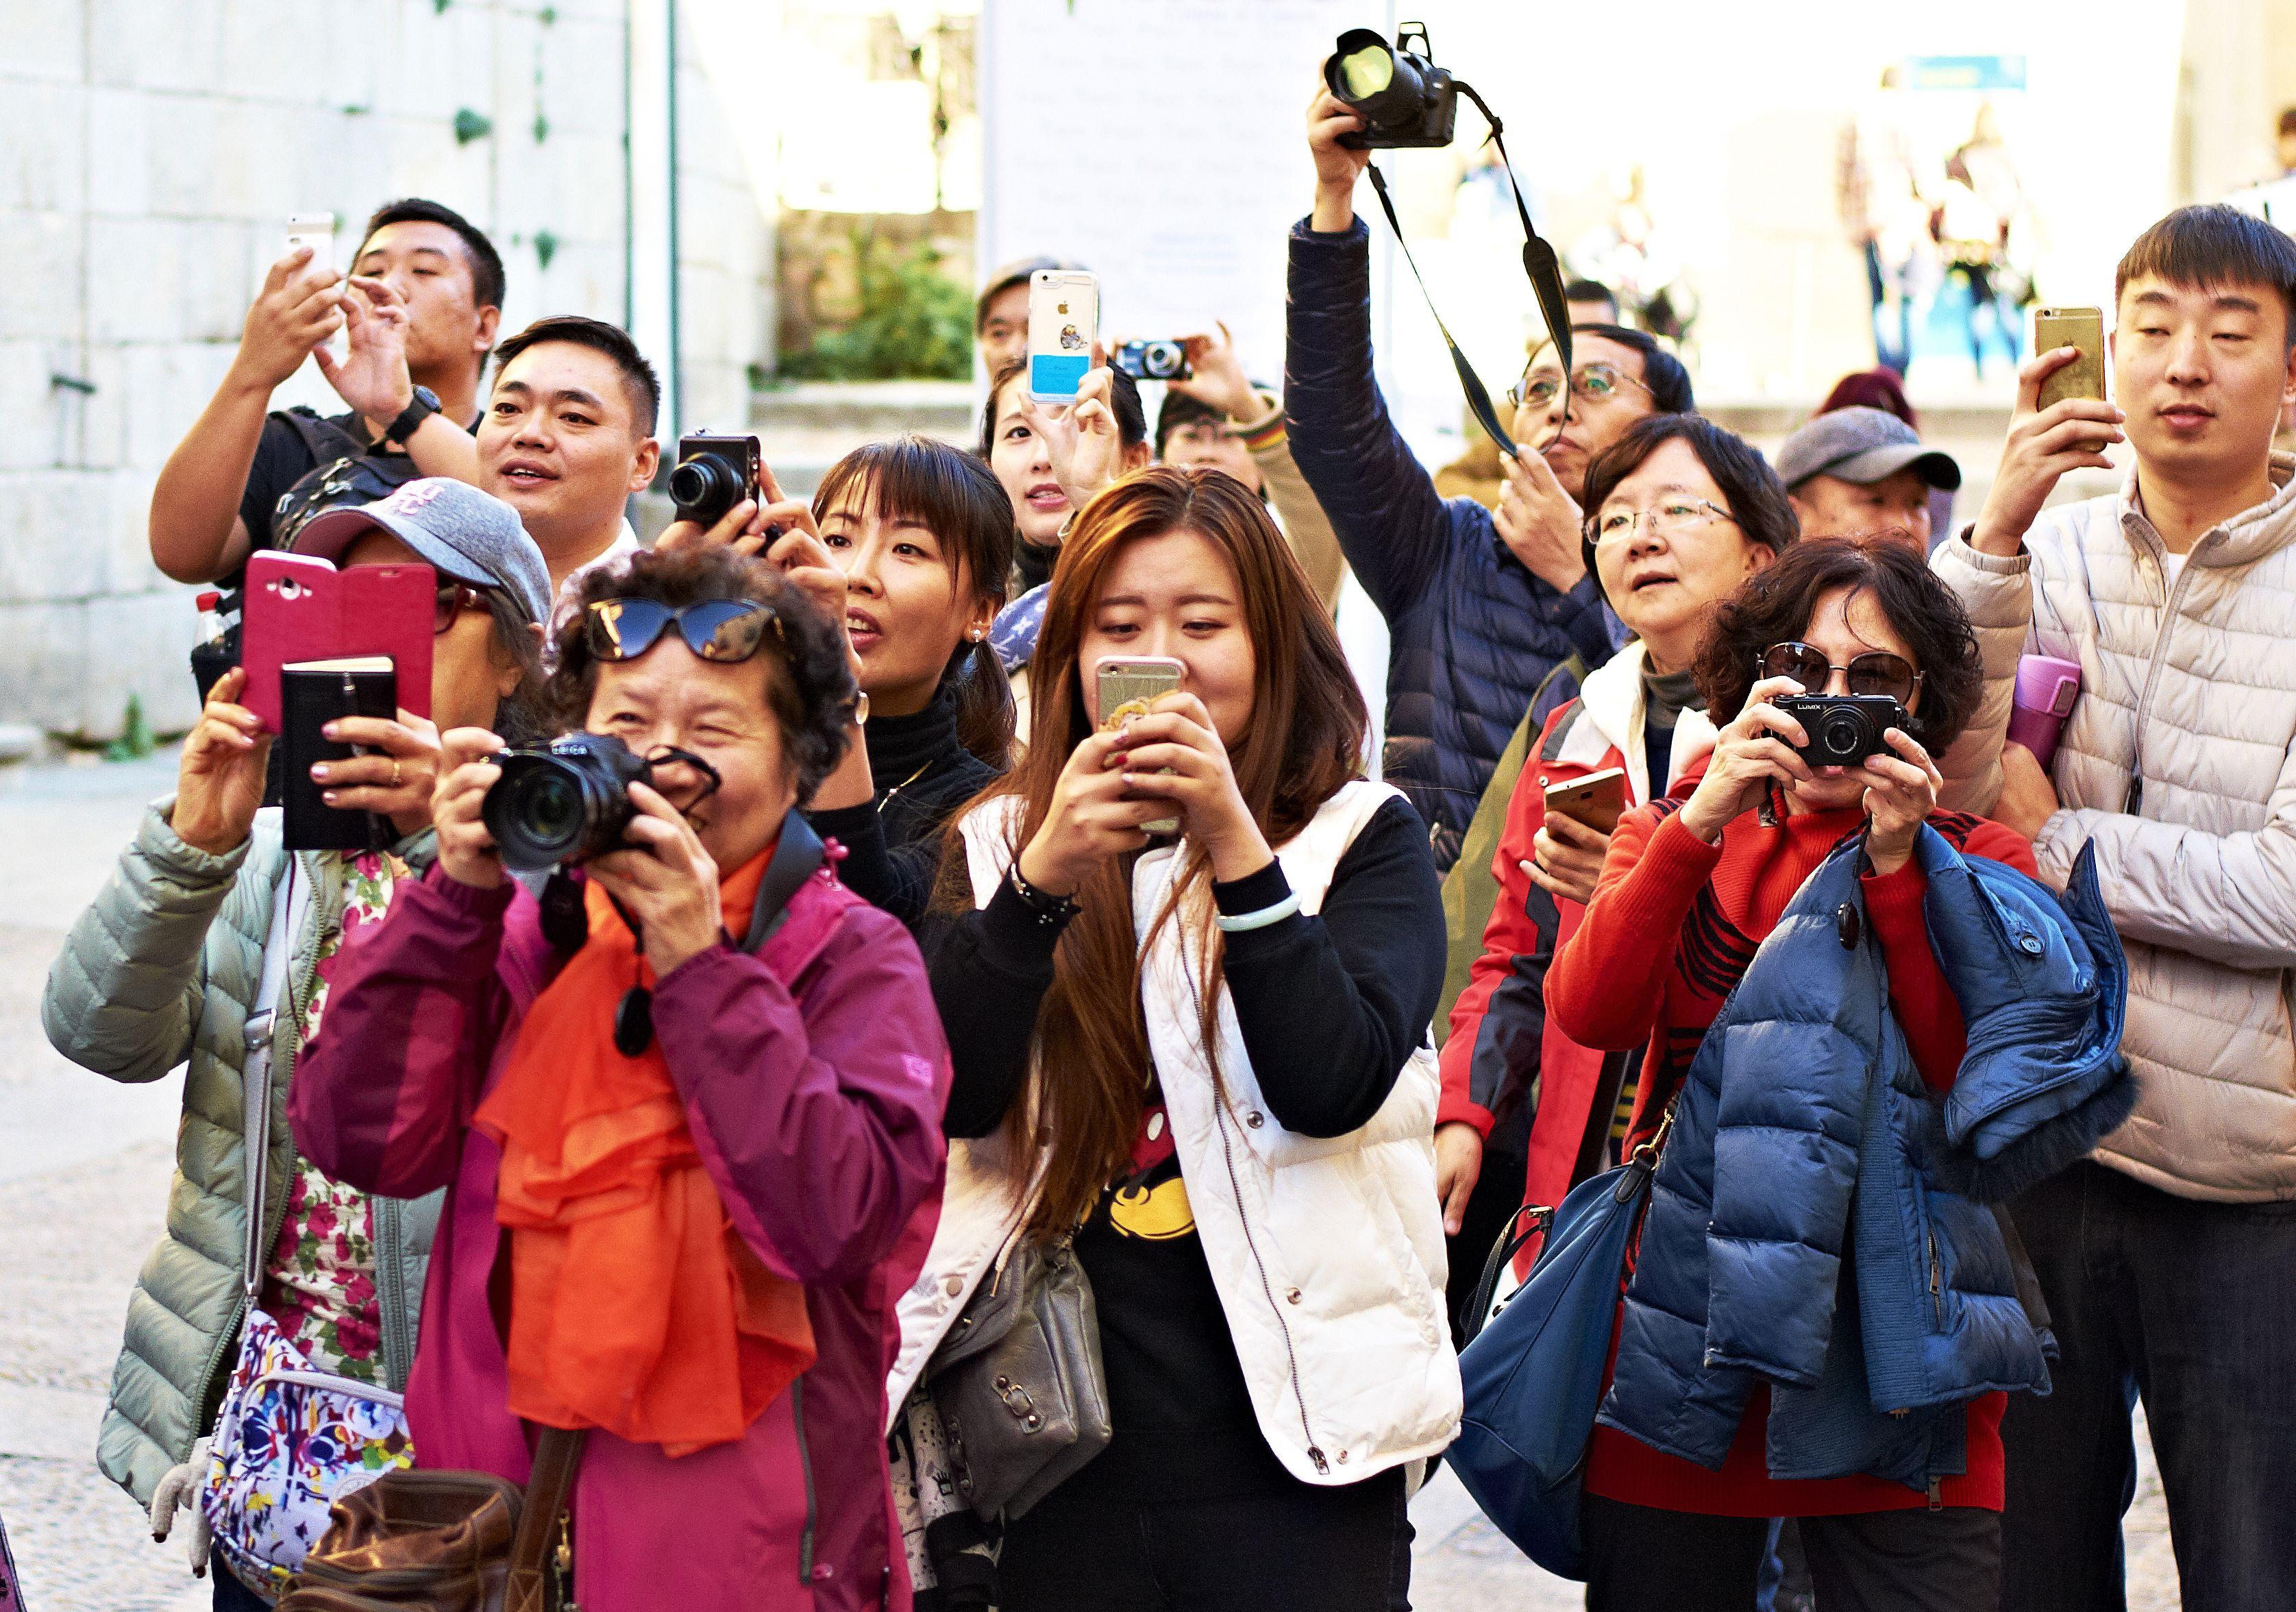 Парадоксы «красного туризма»: что мешает развитию туробмена Китая, России и Беларуси